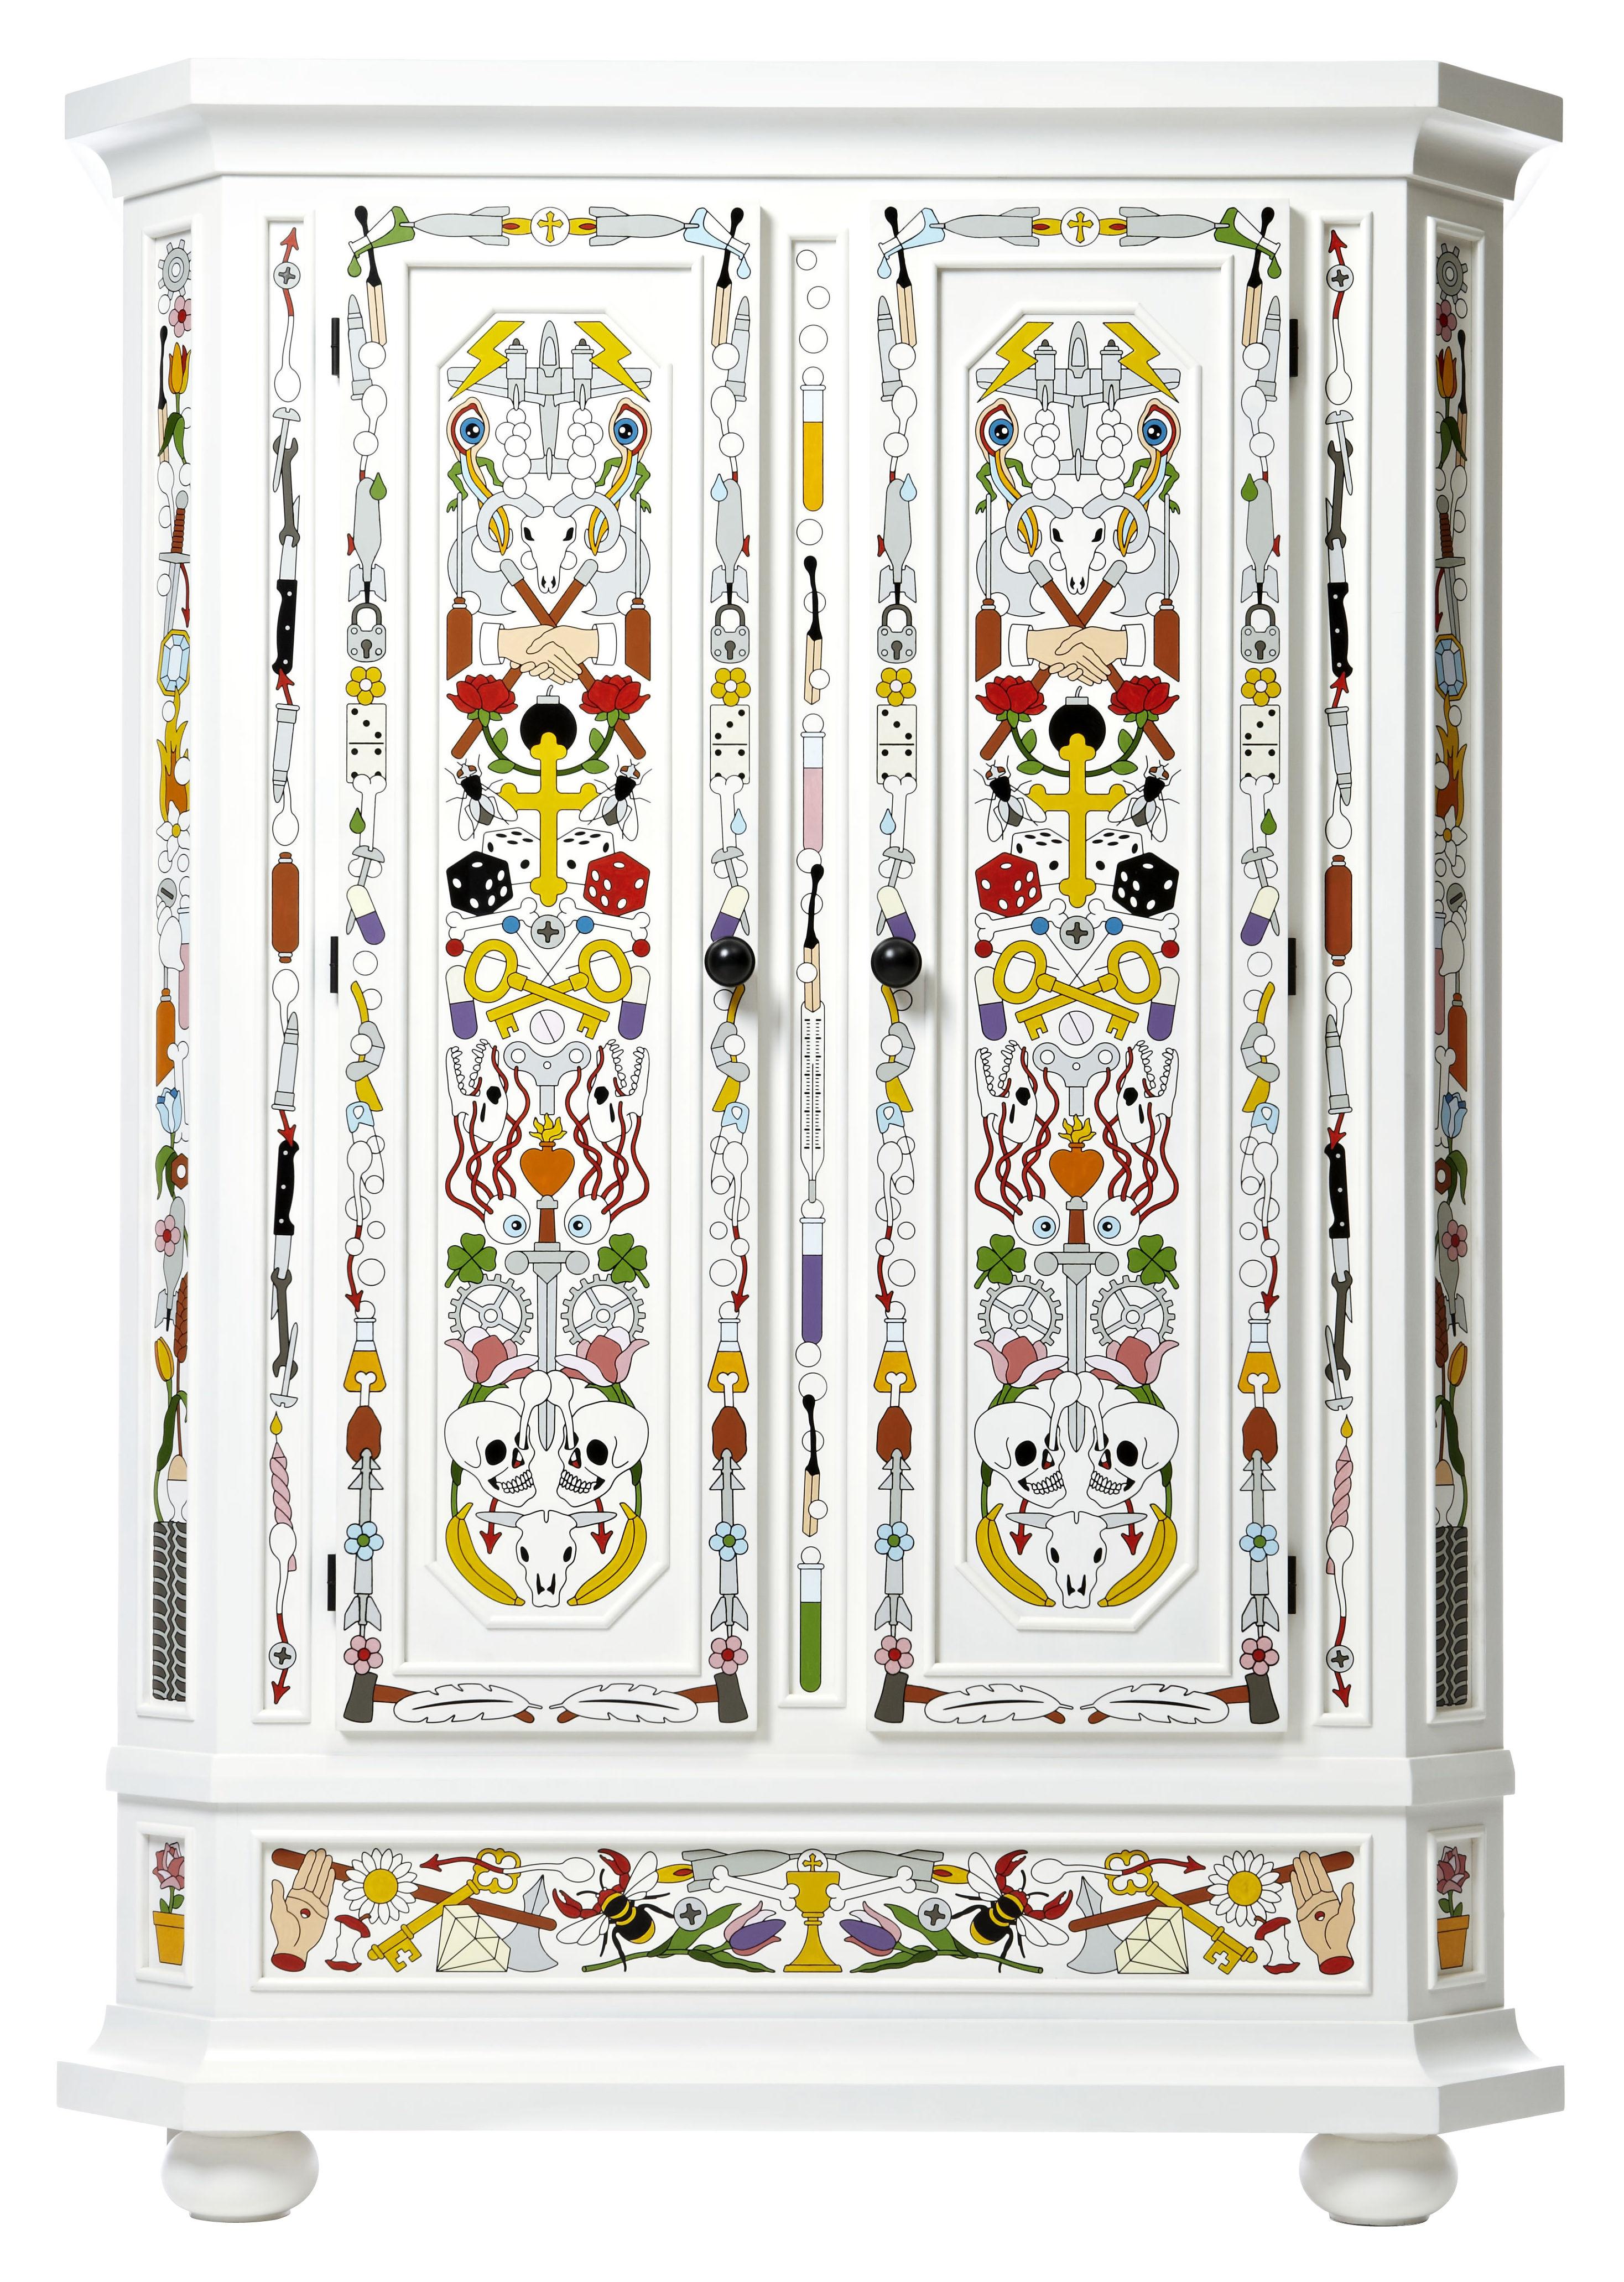 Mobilier - Commodes, buffets & armoires - Armoire Altdeutsche / Peint à la main - Moooi - Armoire - Blanc & multicolore - Pin massif